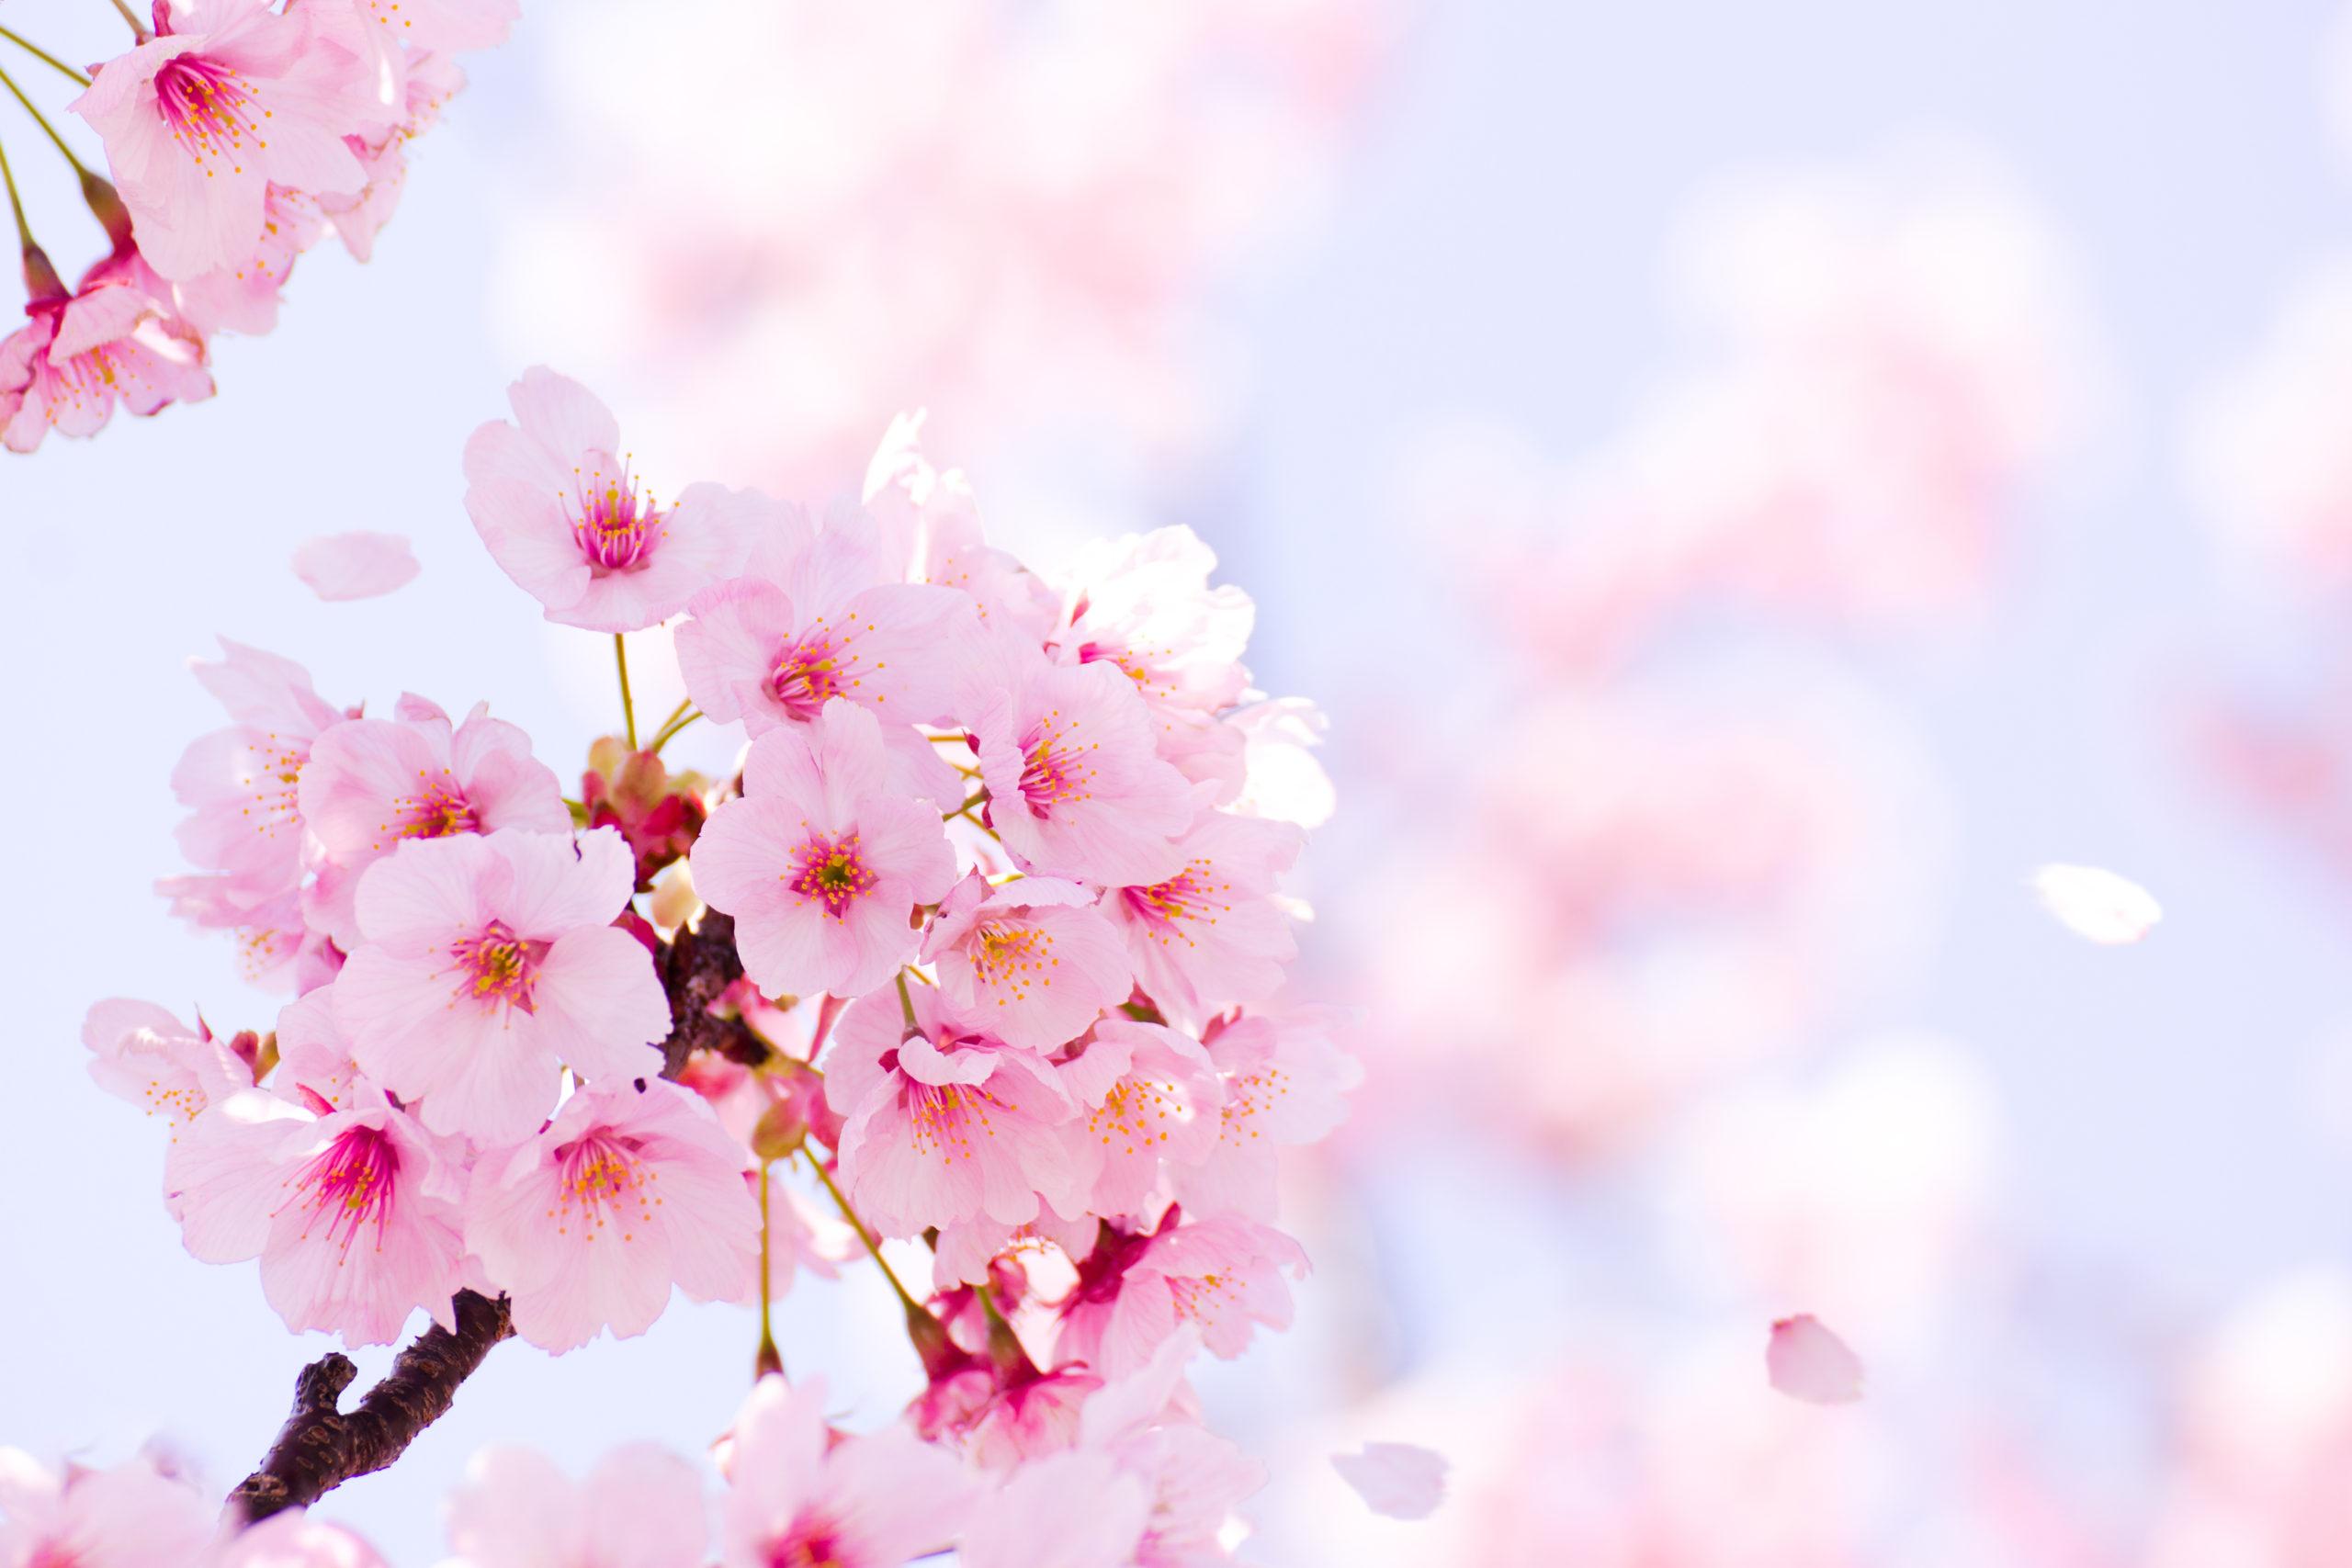 桜の季節が近づいてまいりました